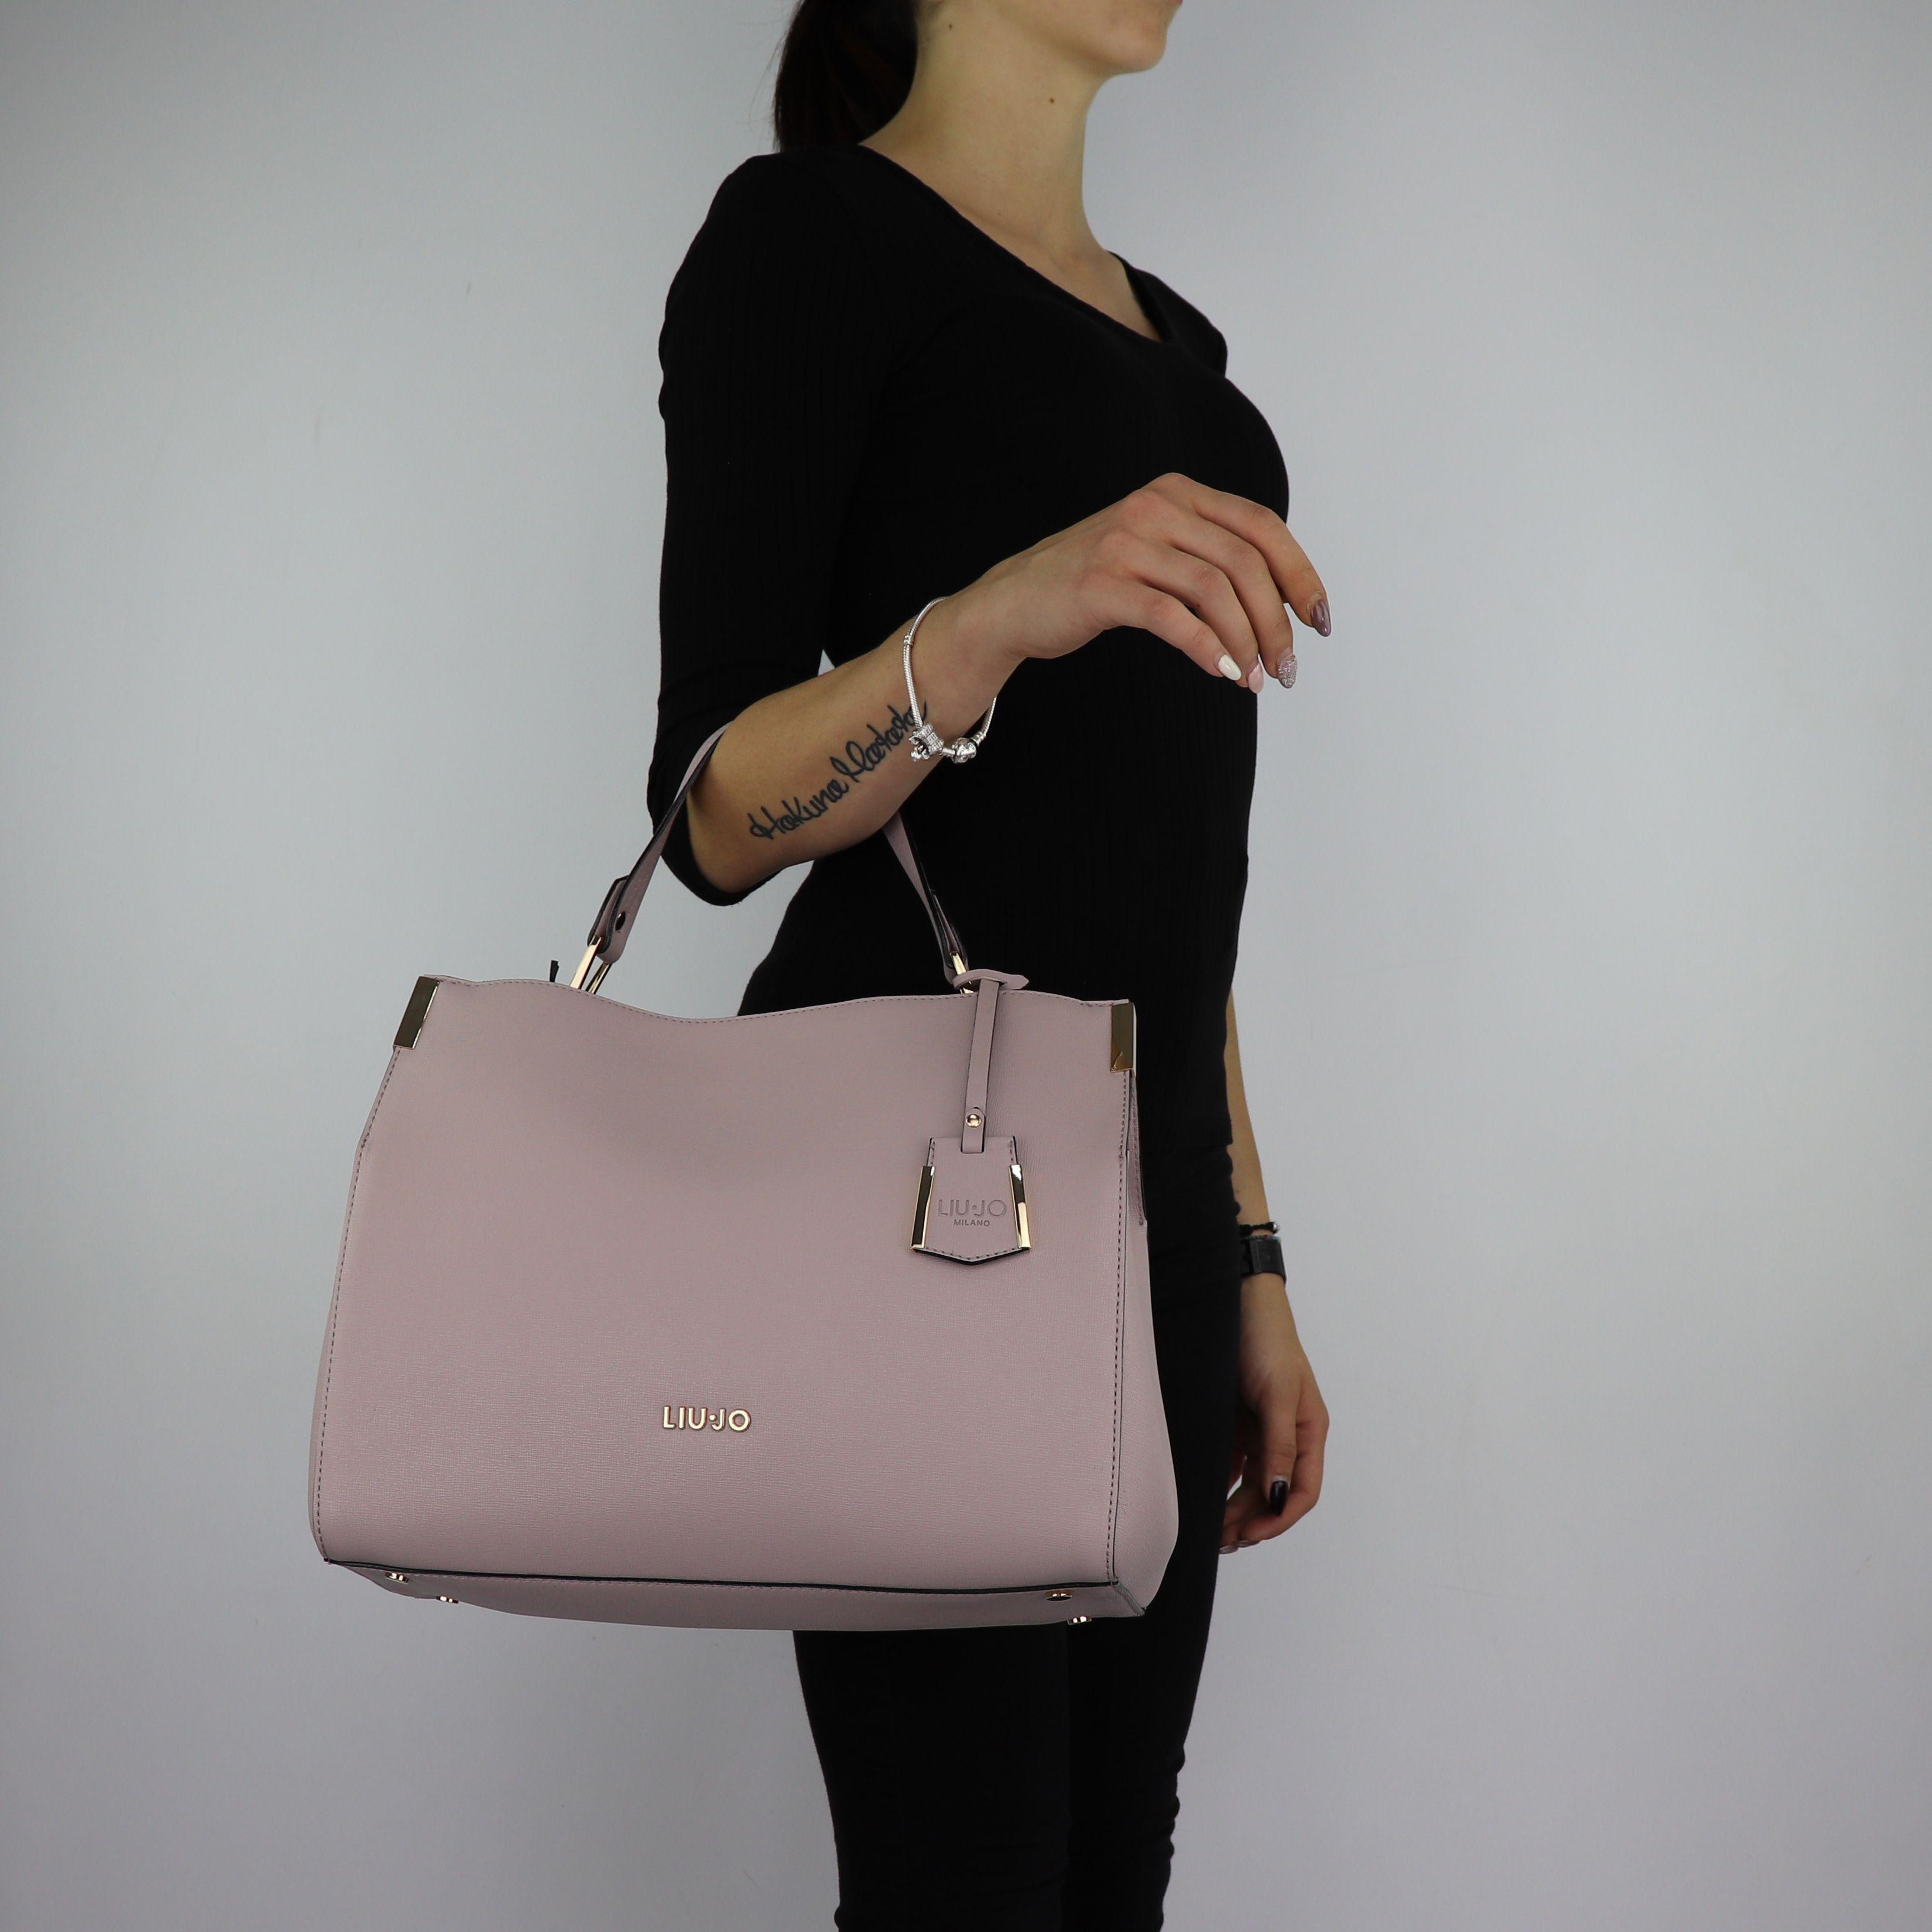 3c96f9aa7a Borsa Bauletto Liu Jo manico superiore Isola rosa cipria taglia L A68002  E0087 ...